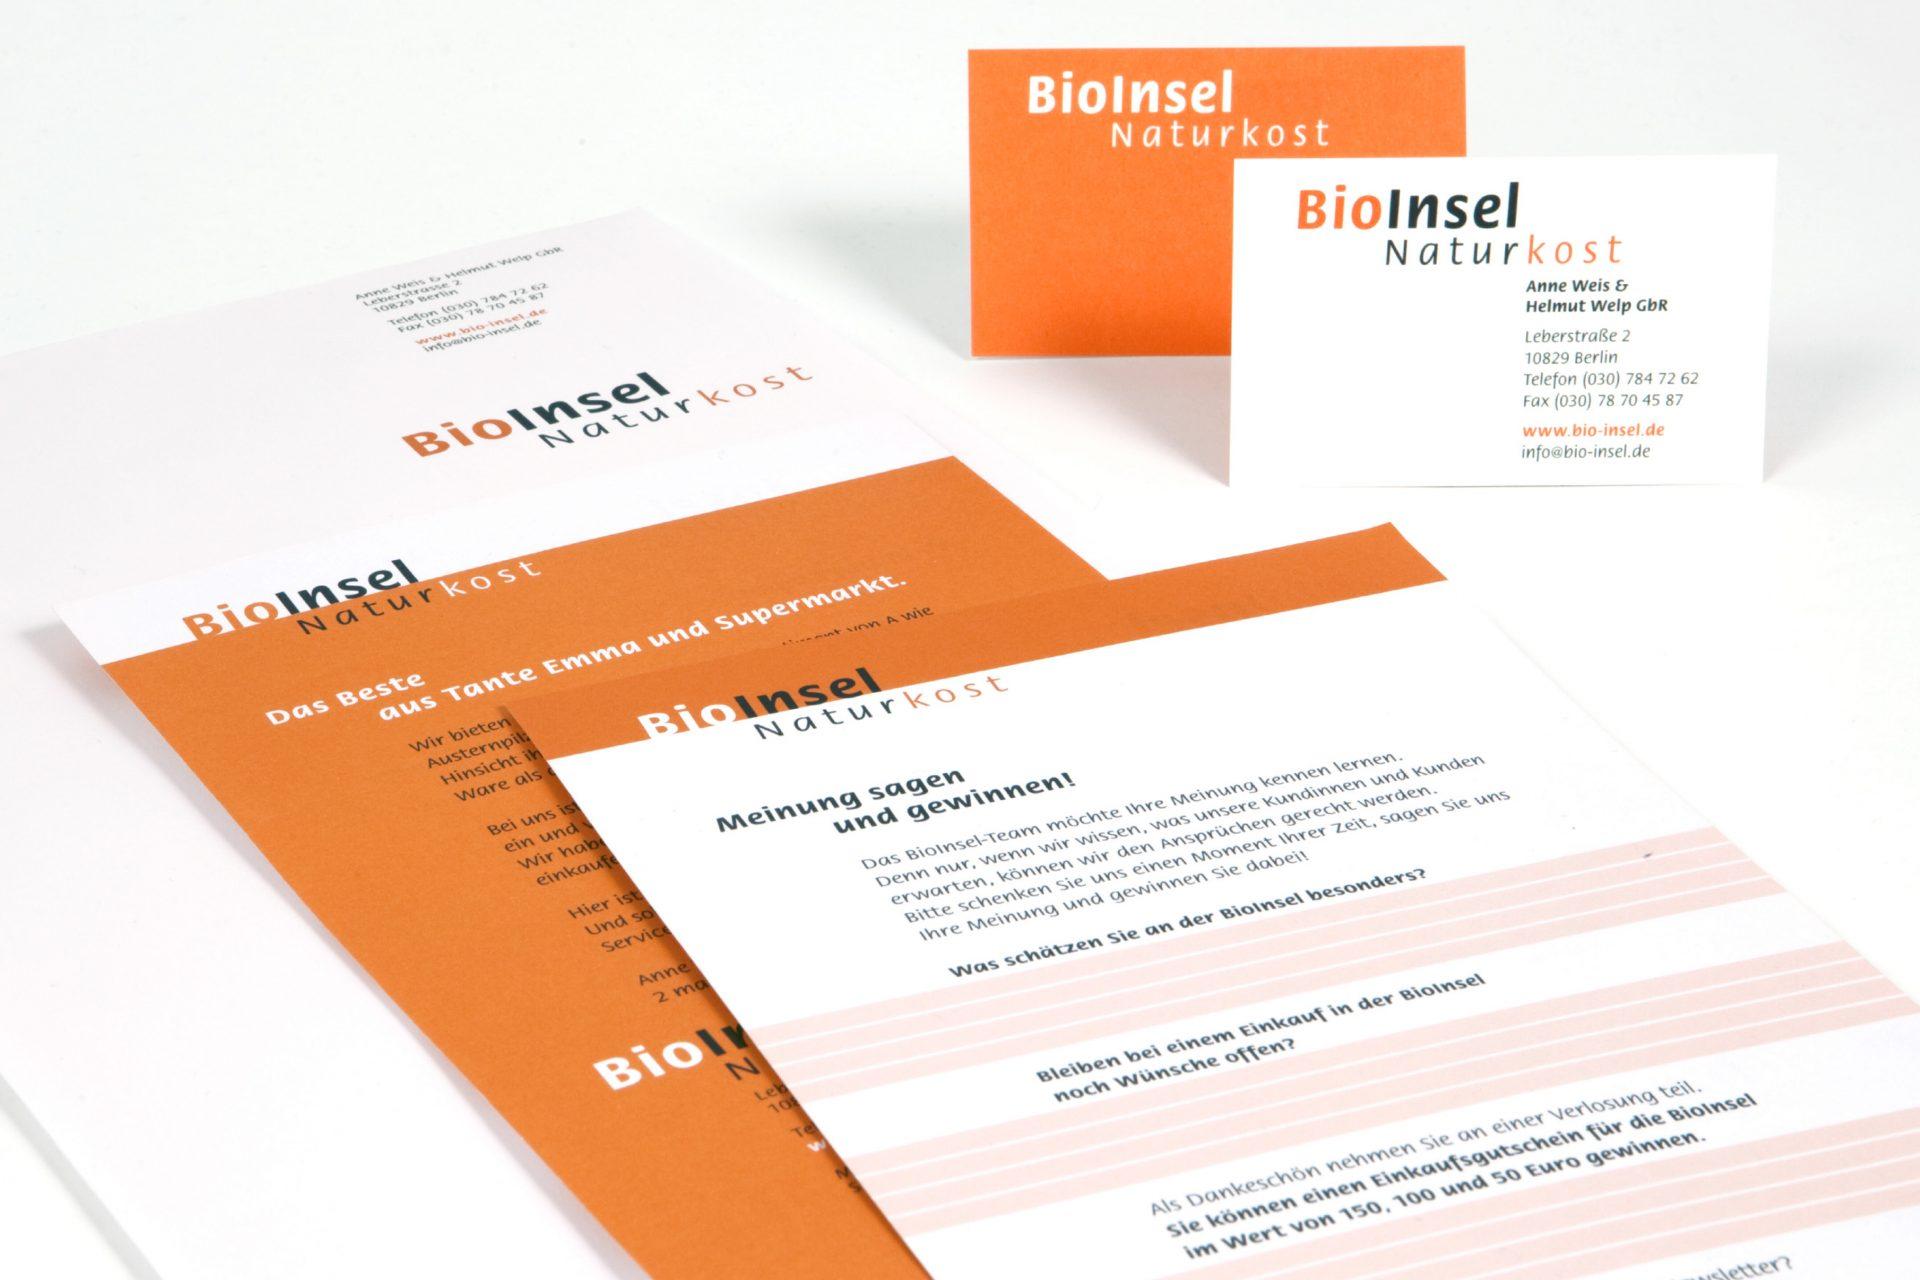 Visitenkarten, Briefbogen Formular: Entwurf im Corporate Design der BioInsel - Typoly